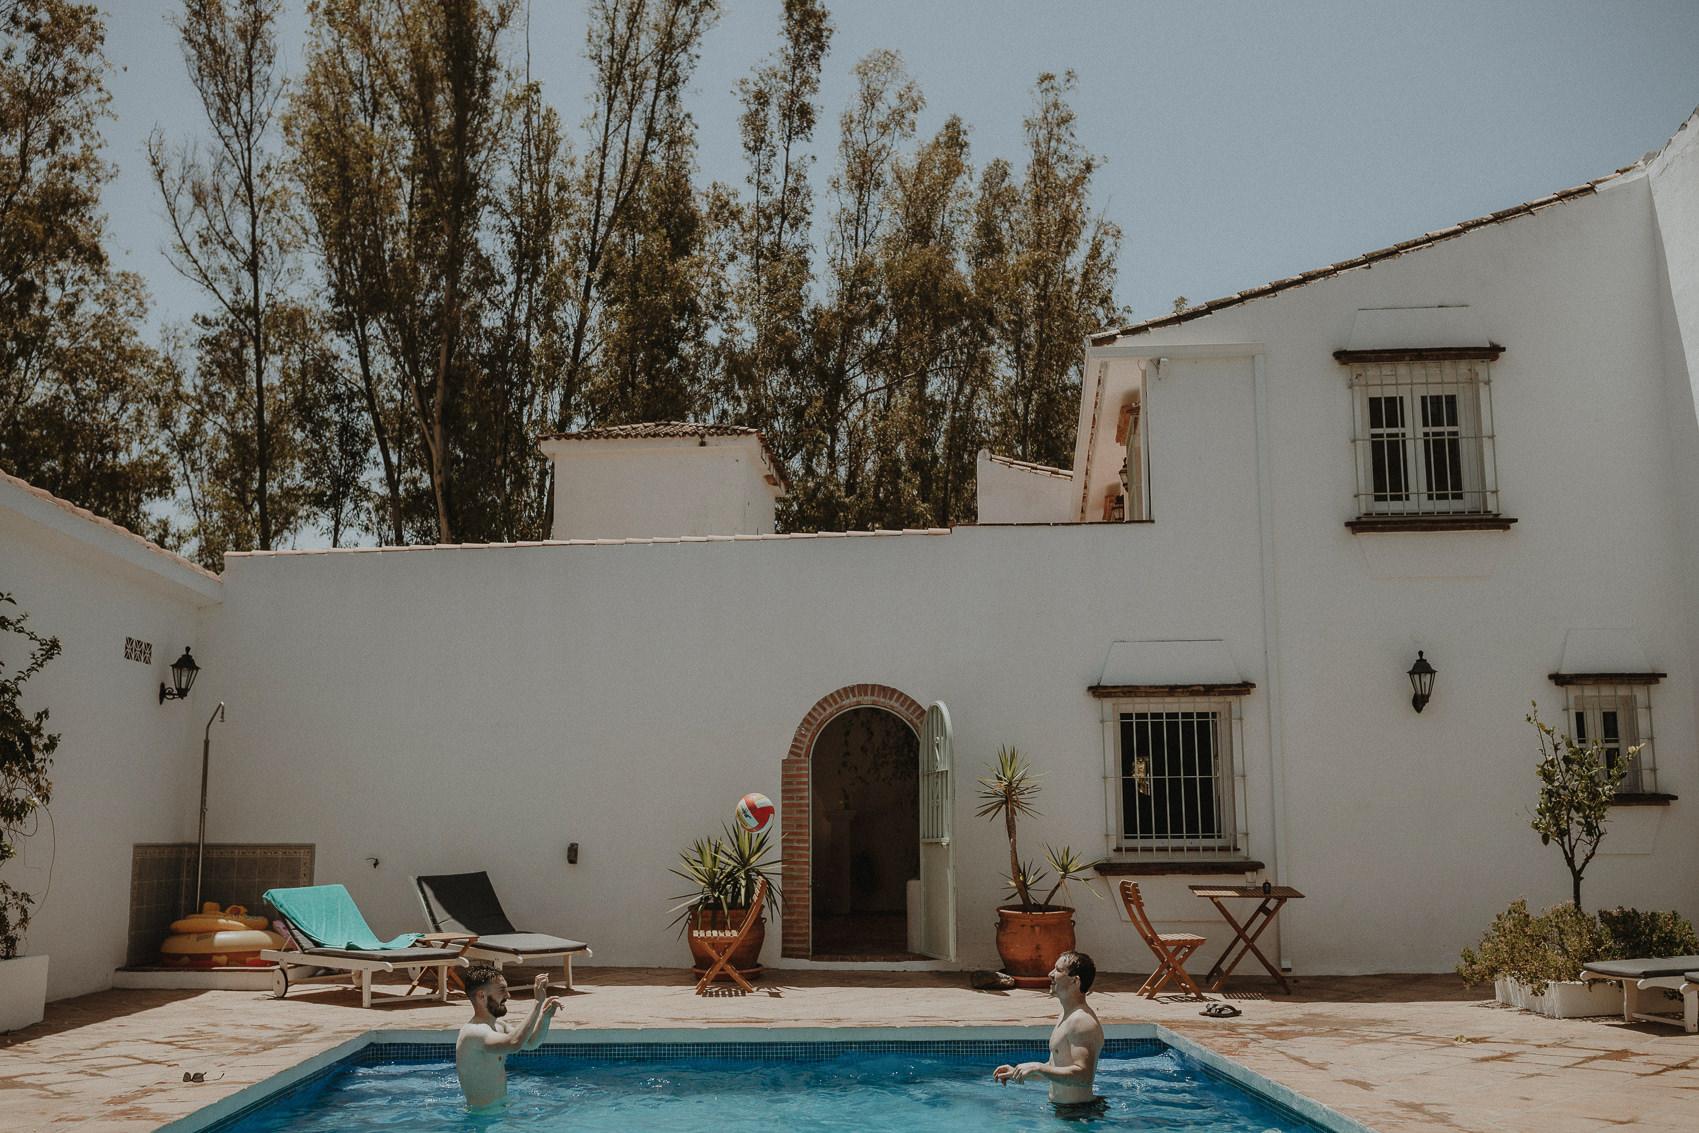 Sarah & Bill | Summer wedding at Cortijo Rosa Blanca | Marbella - Spain 11